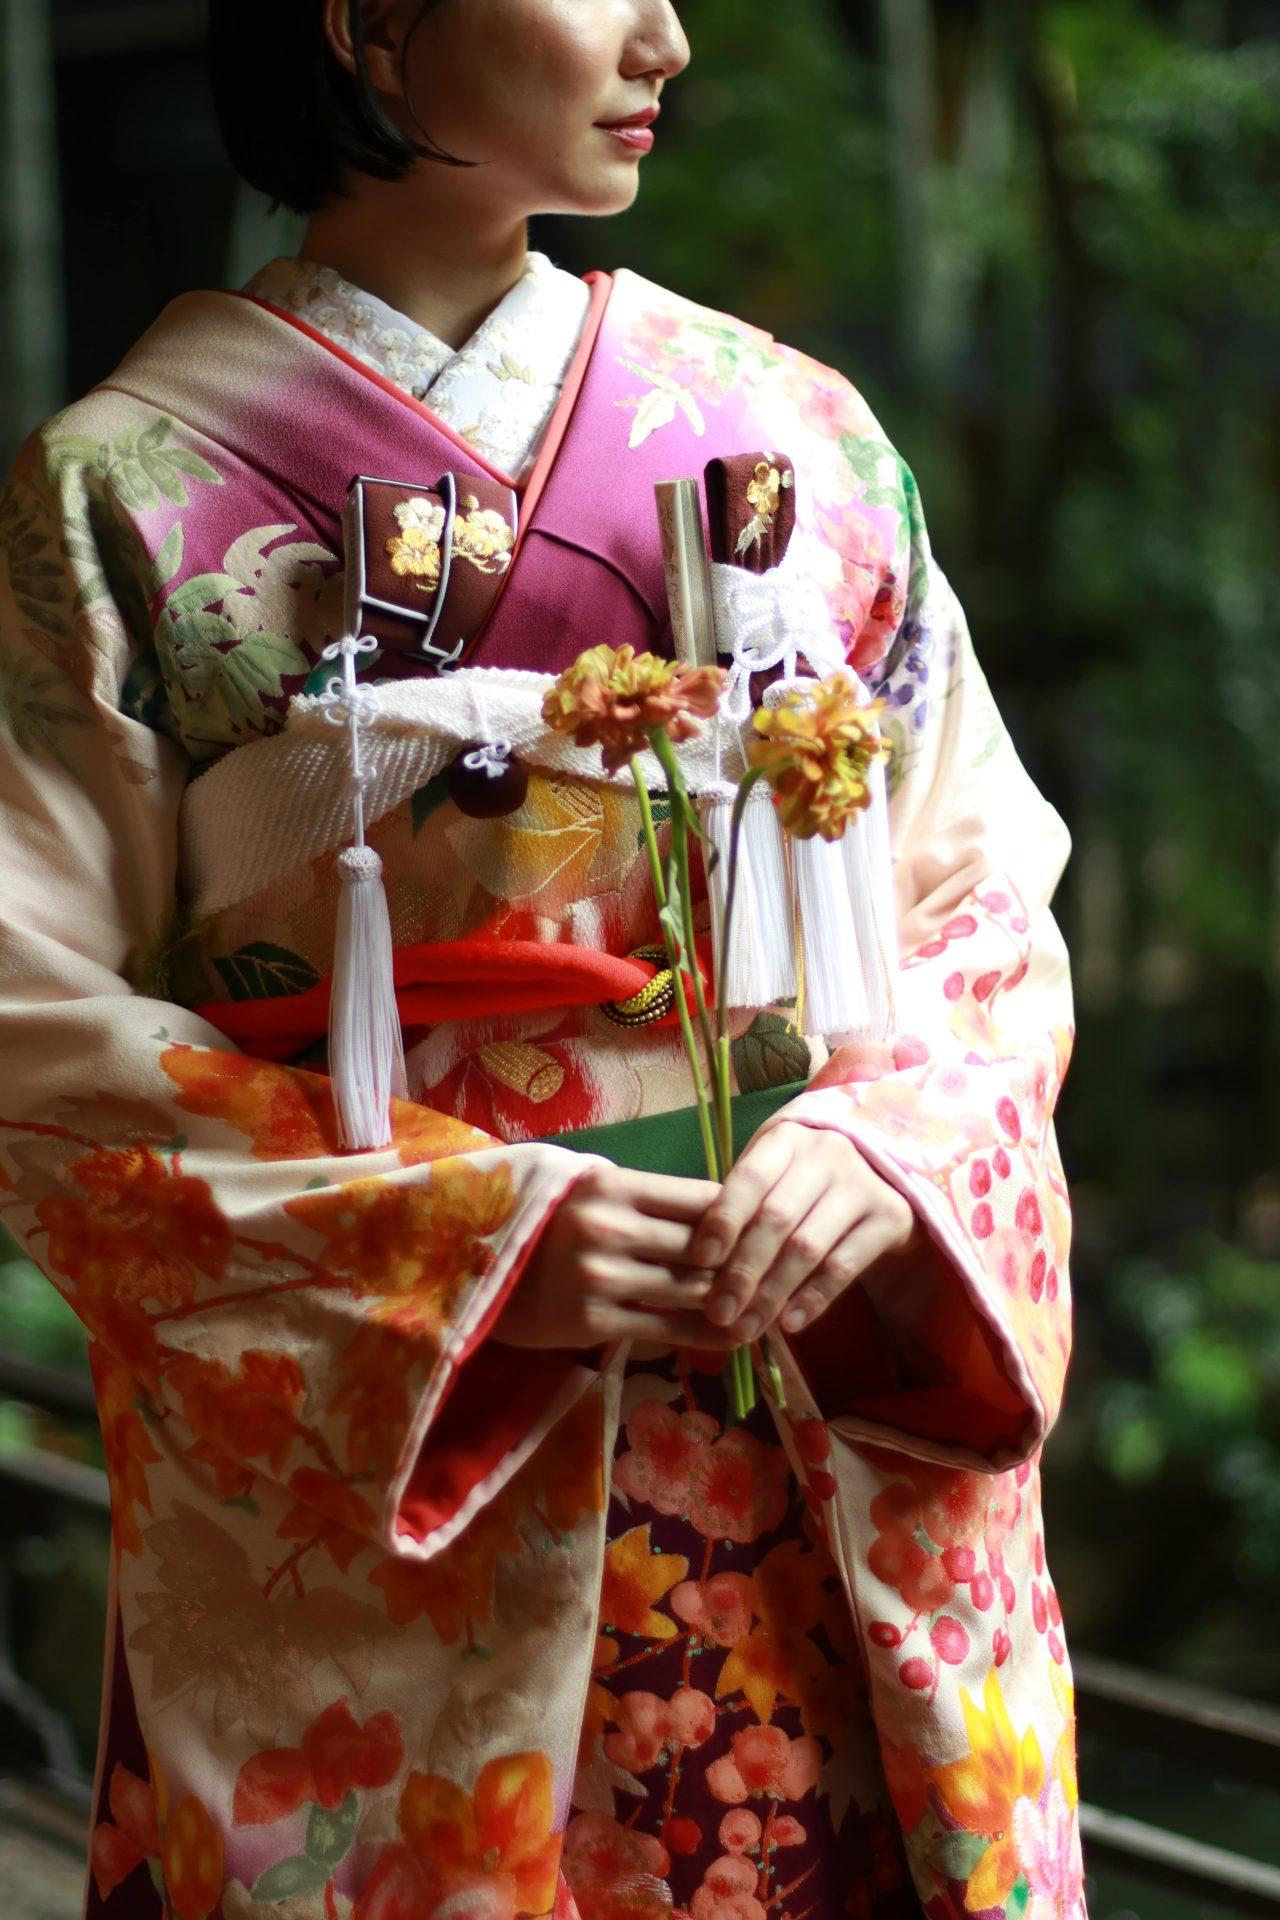 ザトリートドレッシングが和装でお式をされる花嫁様におすすめする本振袖のコーディネート